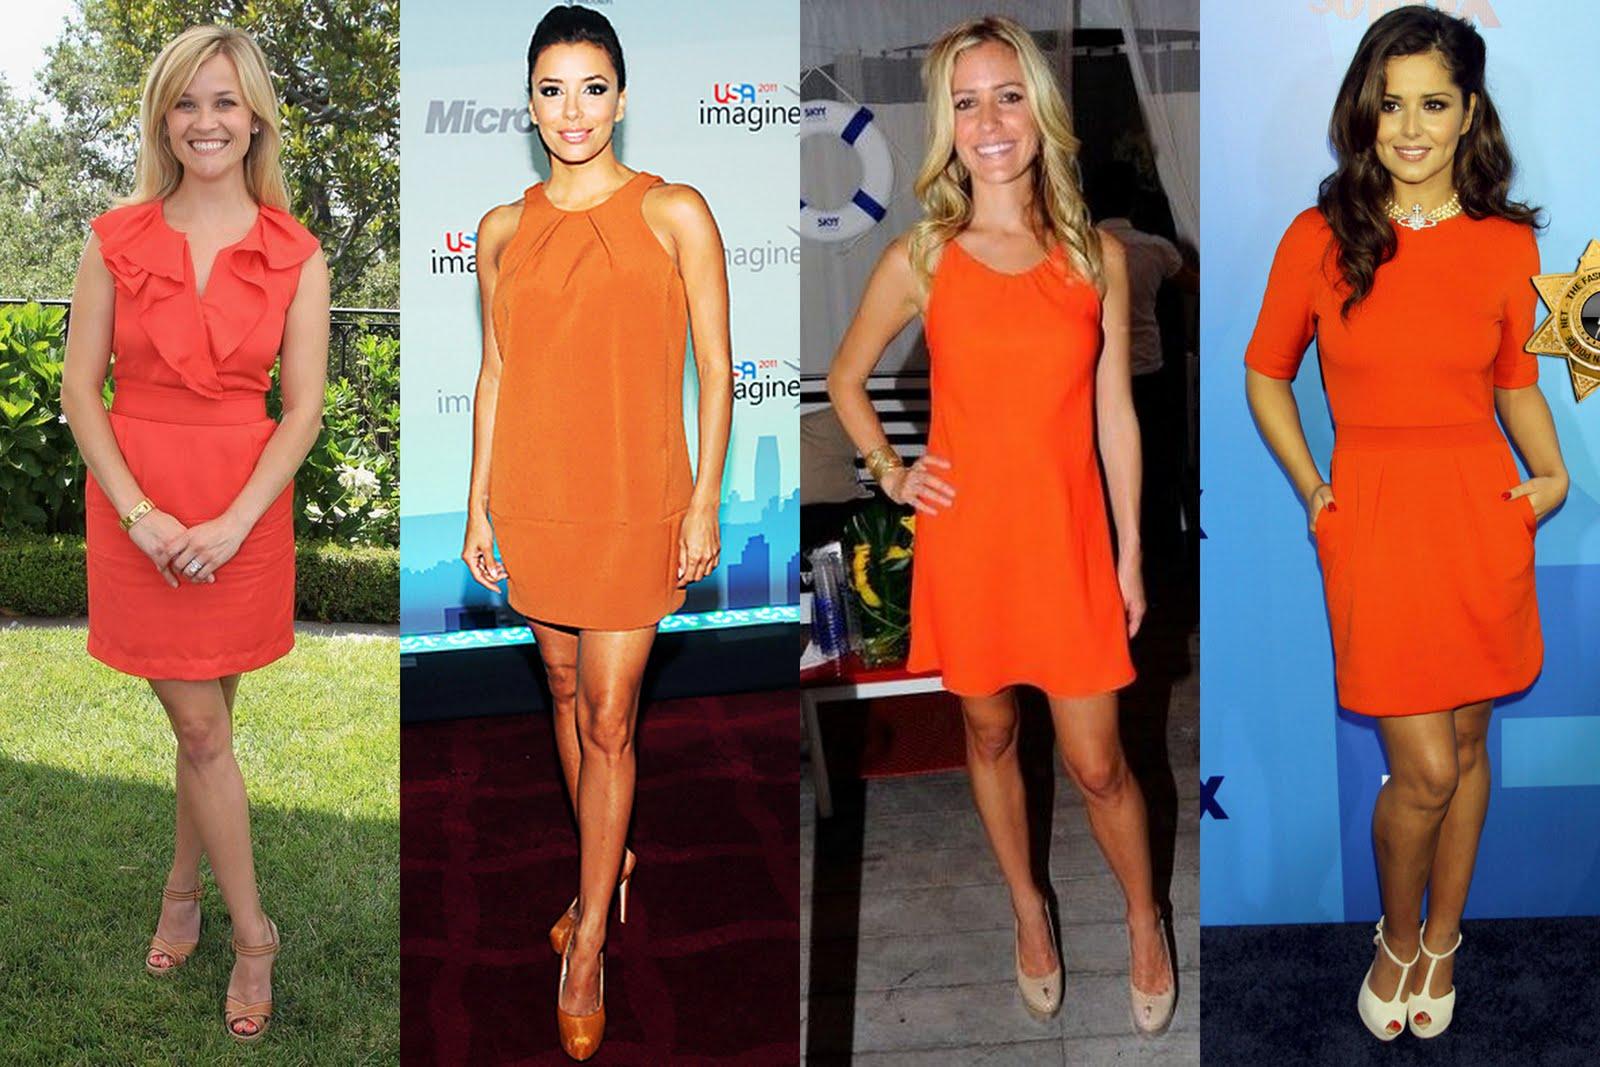 http://4.bp.blogspot.com/-2m8nyHLuyxo/TkLtyyyonJI/AAAAAAAABJY/6RopctEHDGU/s1600/orange+dresses+2.jpg